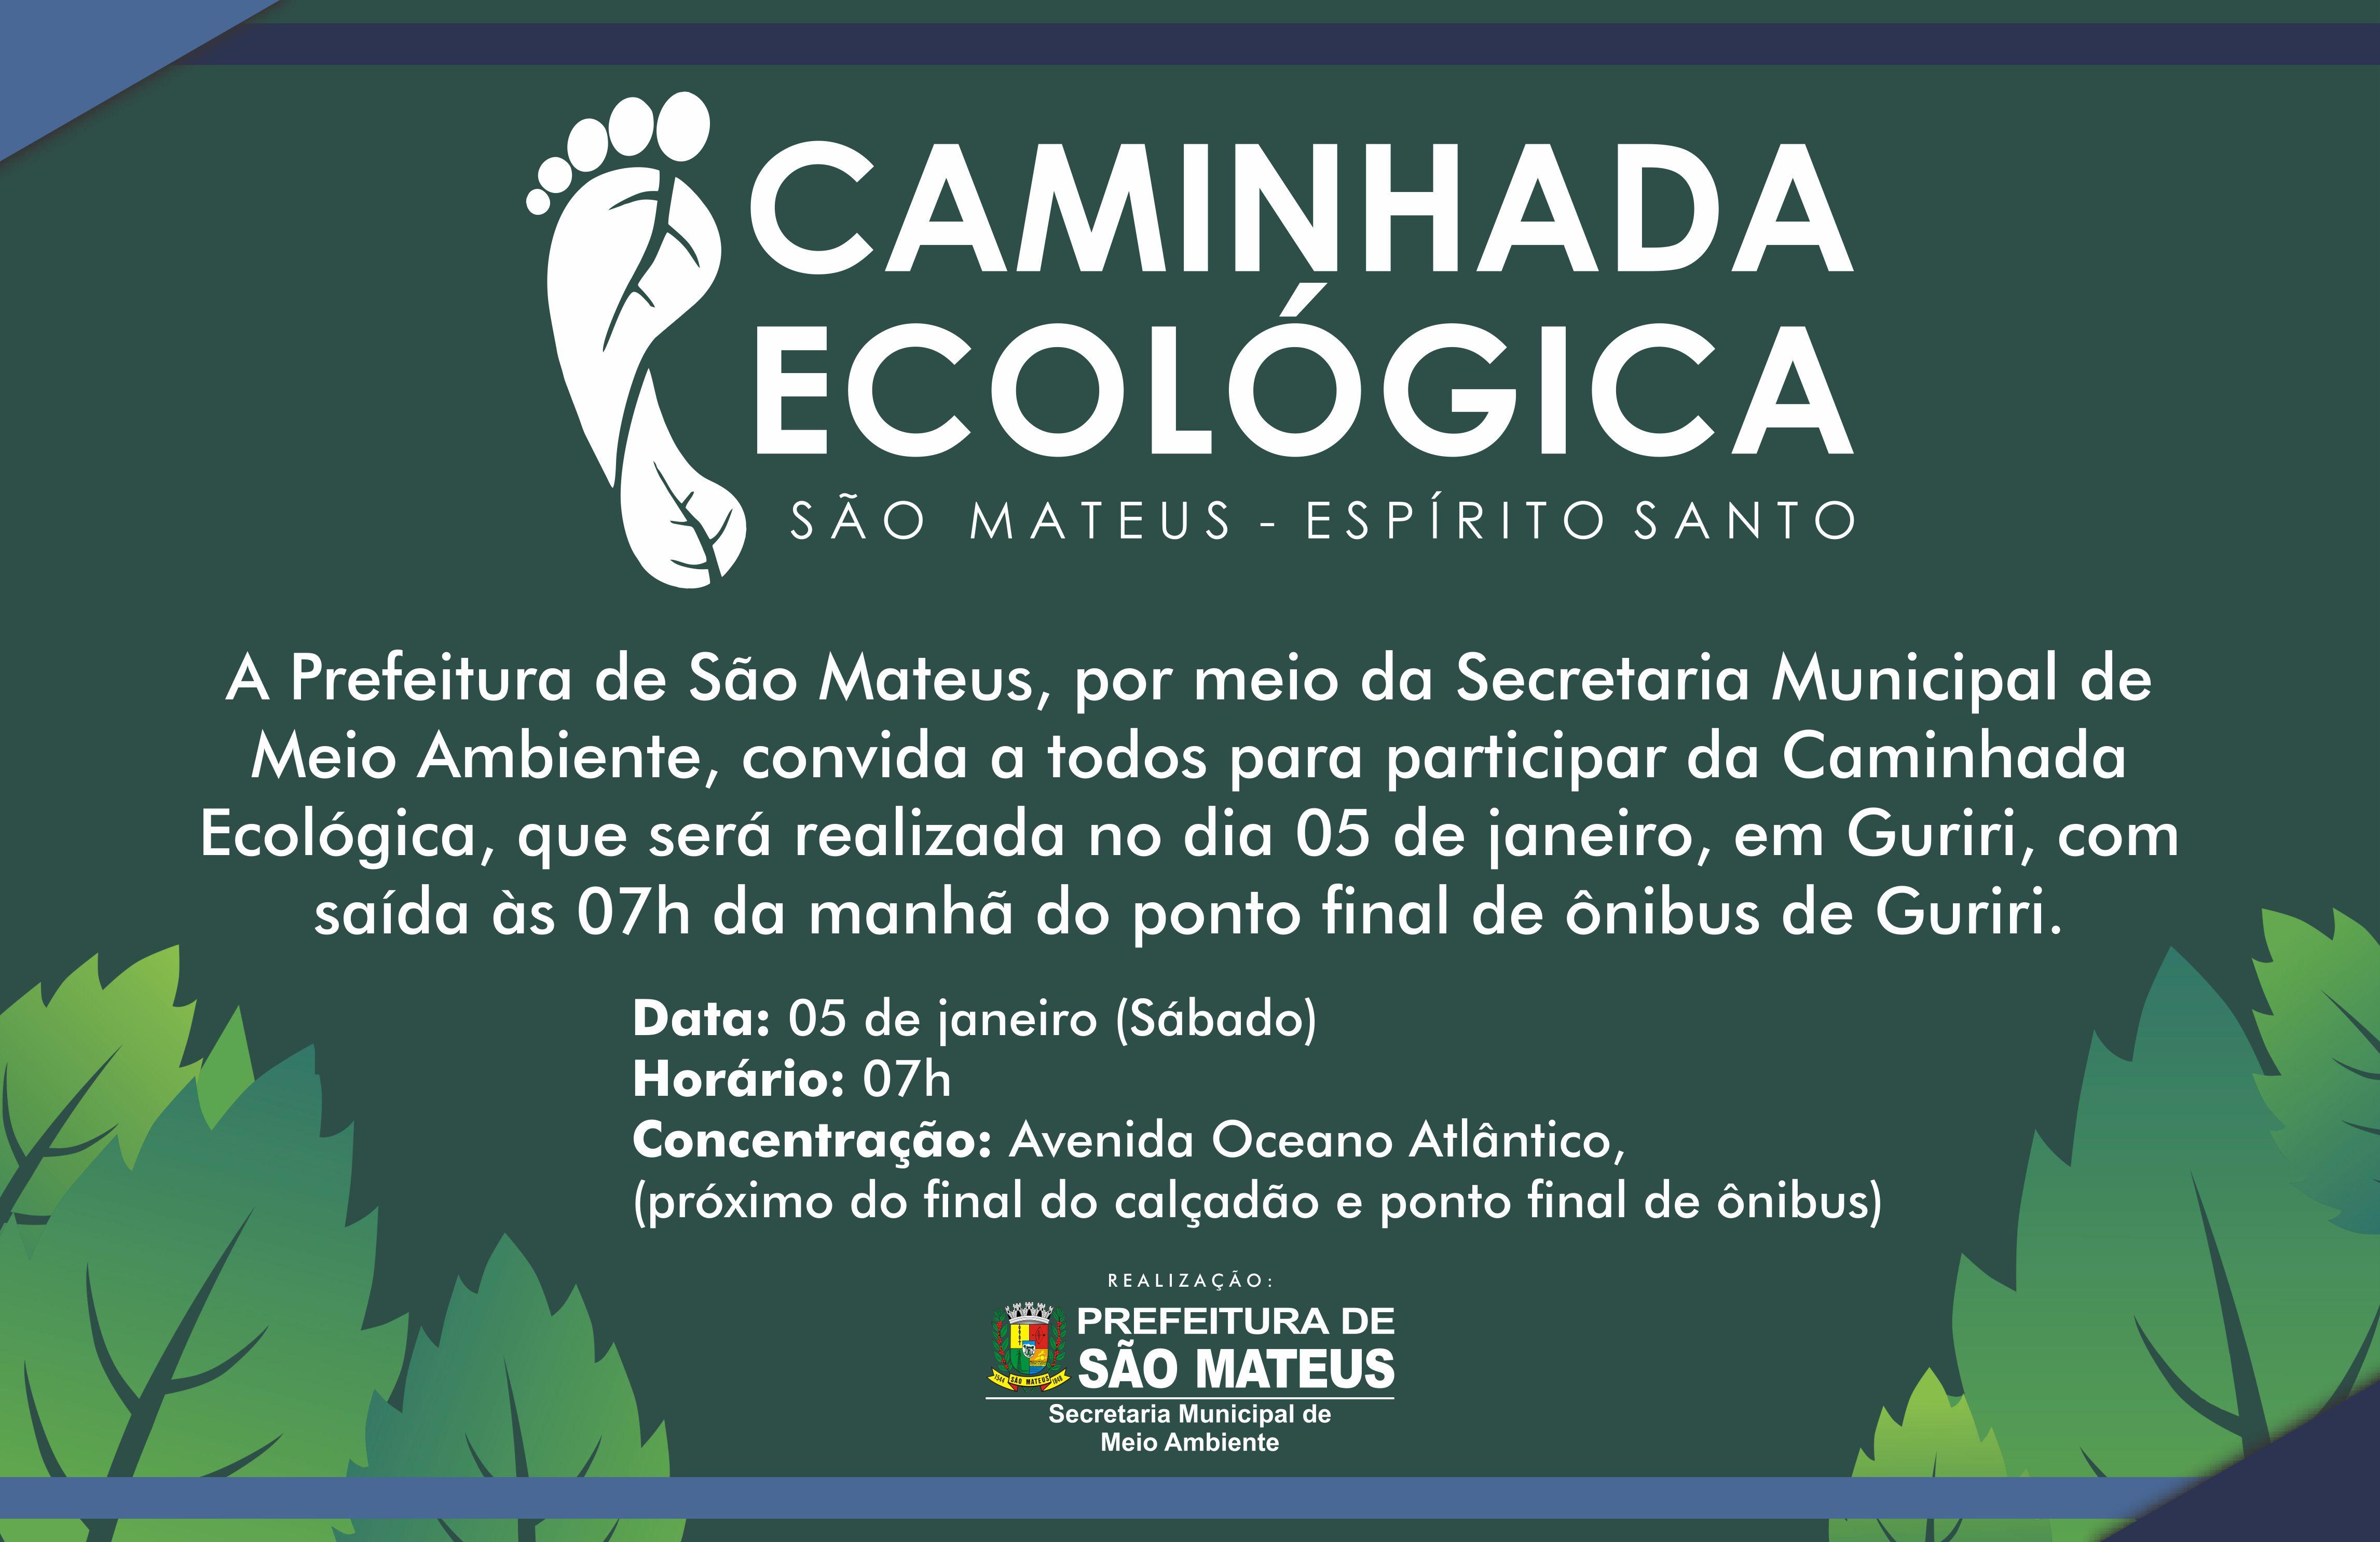 PMSM fará Caminhada Ecológica em Guriri